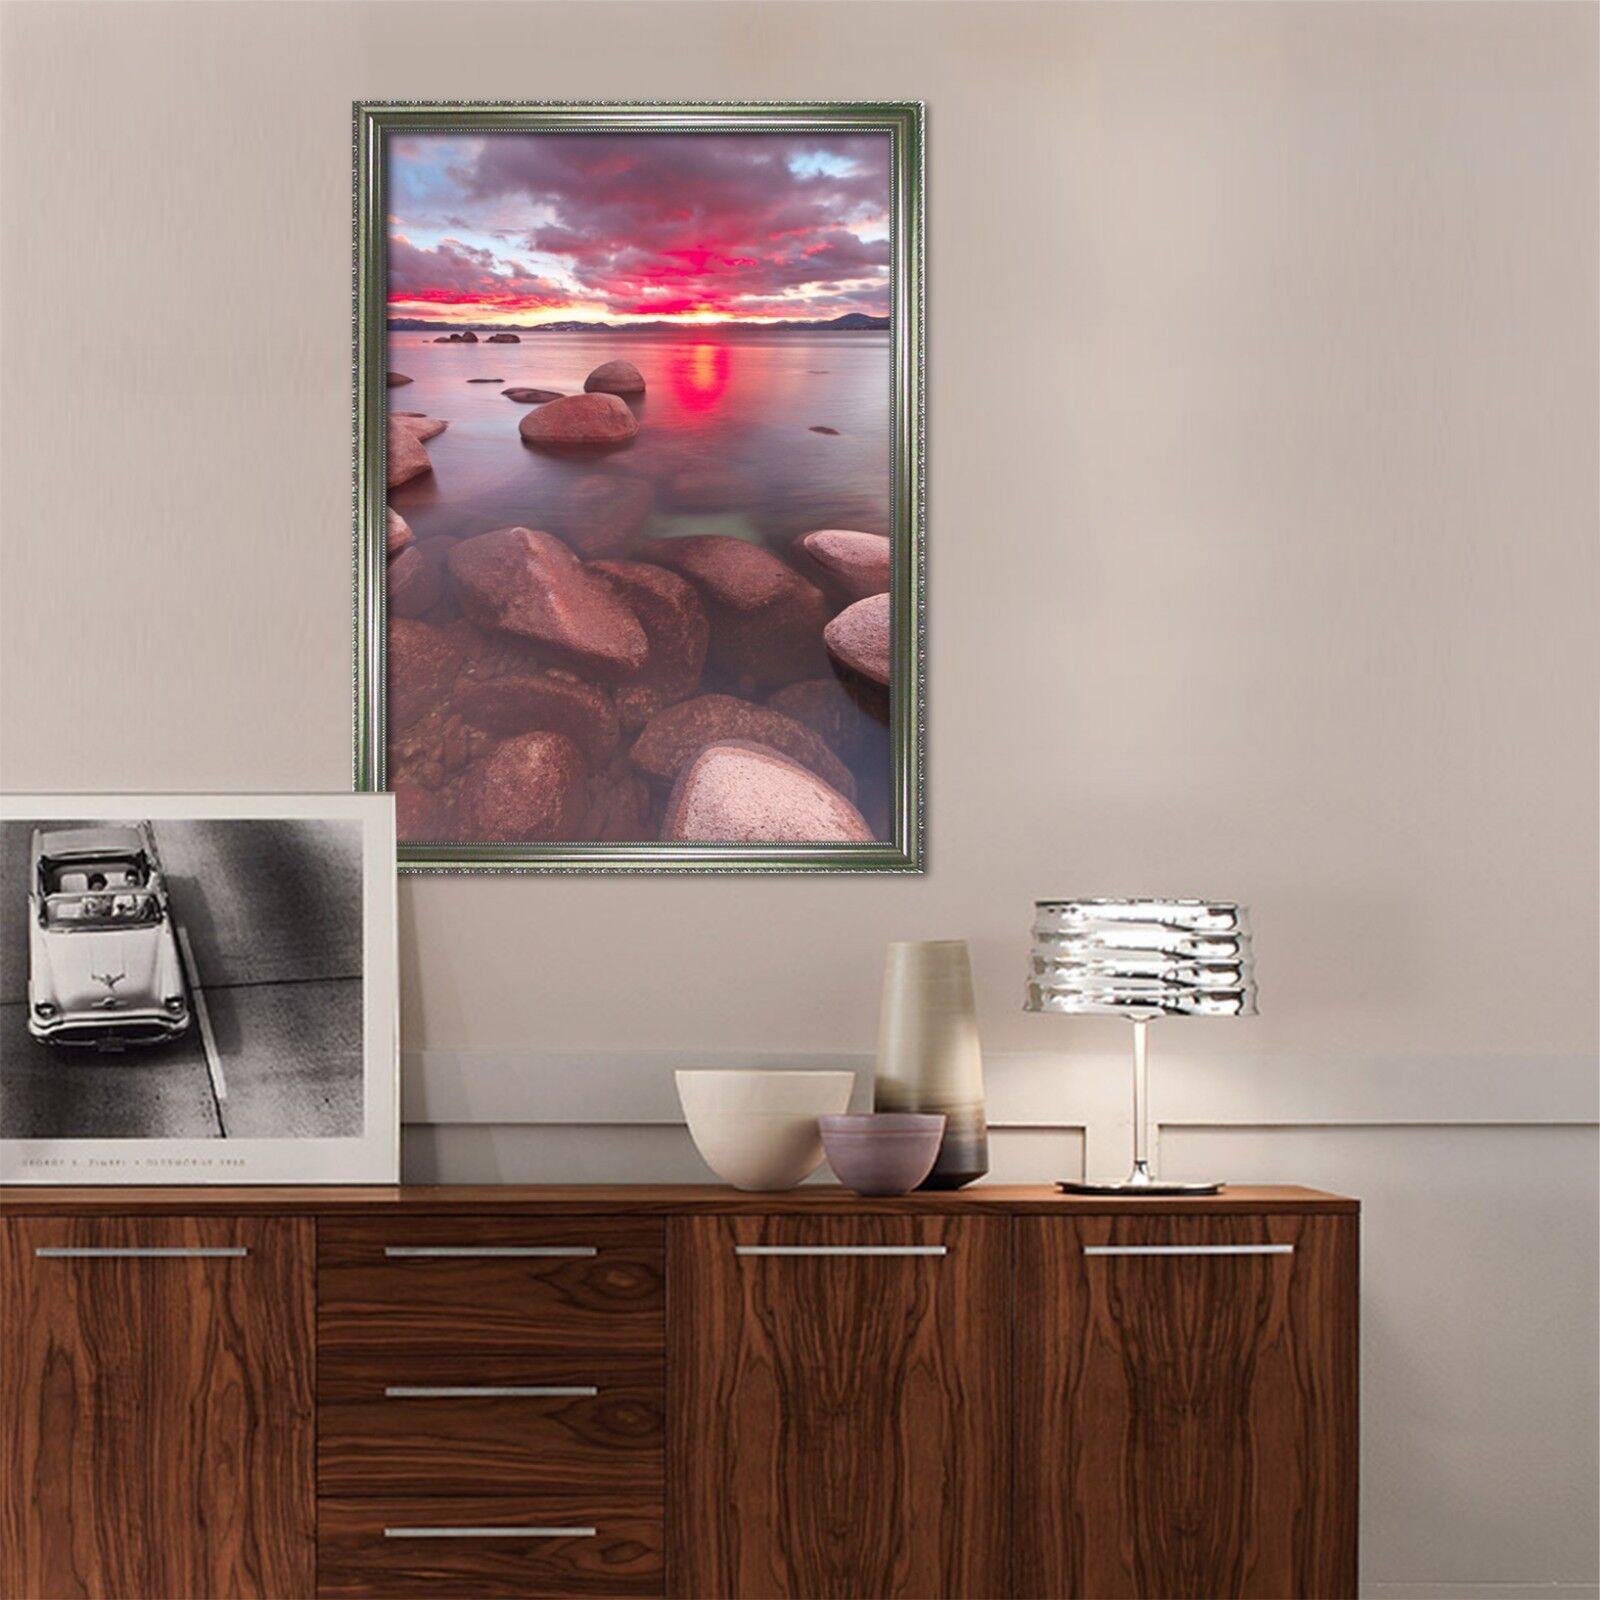 3D rojo puesta de sol Mar 2 Póster Enmarcado Decoración del Hogar Pintura de Impresión Arte AJ Wallpaper